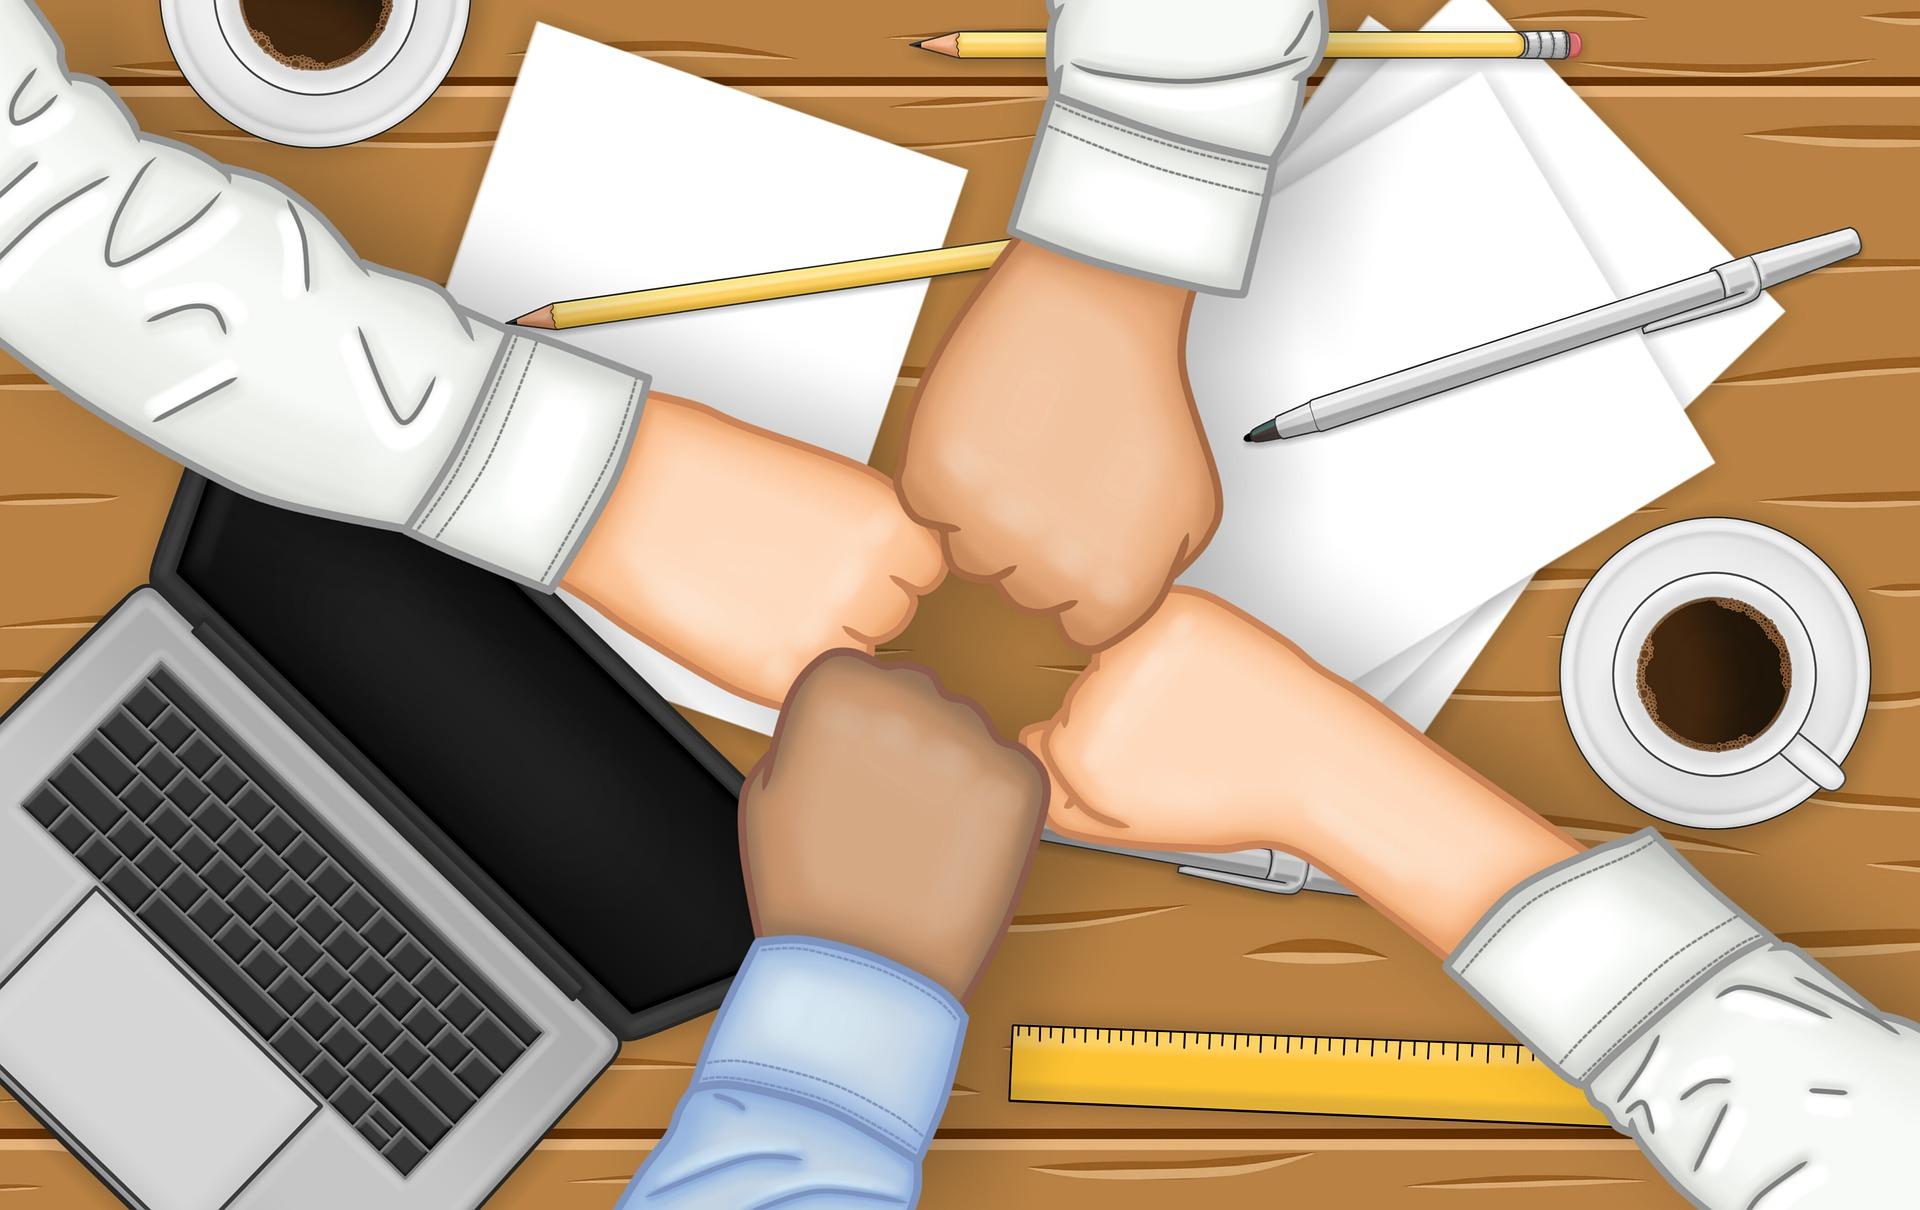 Vereniging voor Herstructurering: voor advocaten, rechters en bankiers - Mr. online